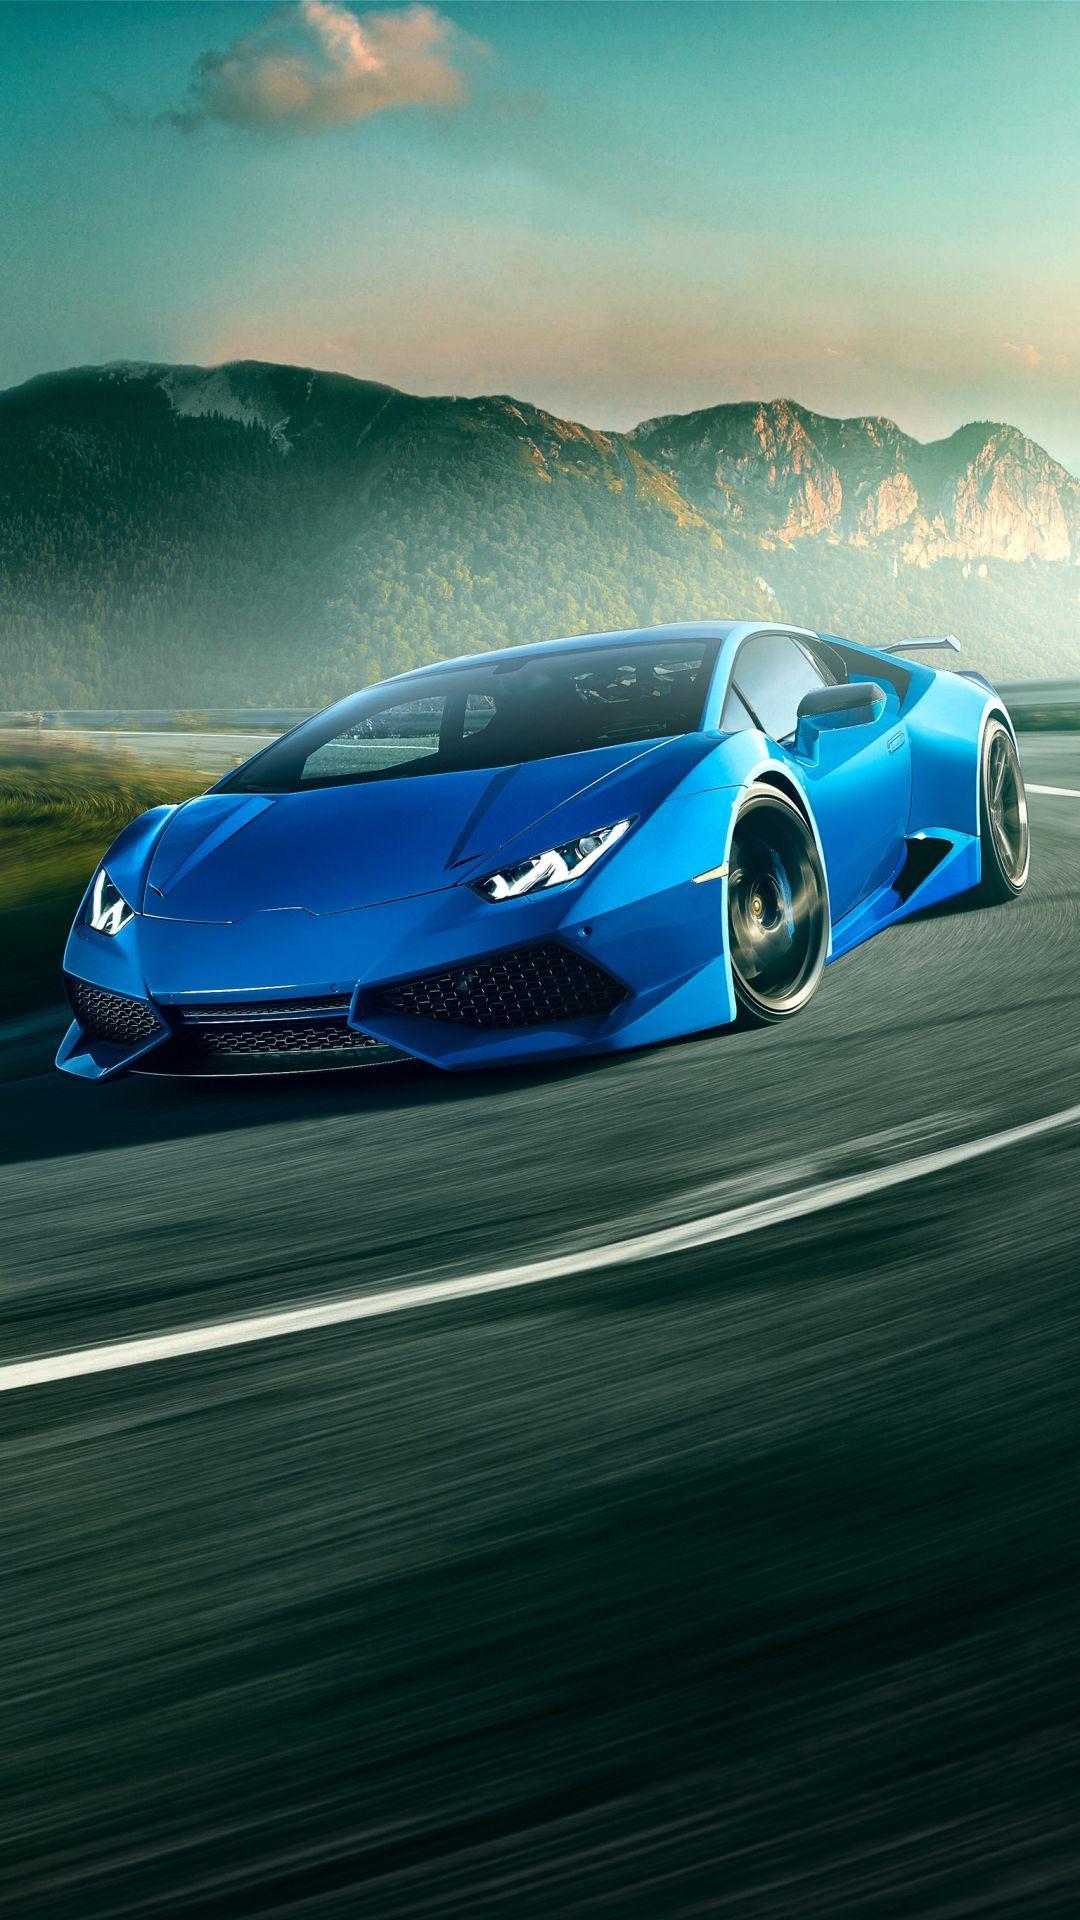 Cool Lamborghini Wallpaper Ios In 2020 Lamborghini Huracan Lamborghini Cars Lamborghini